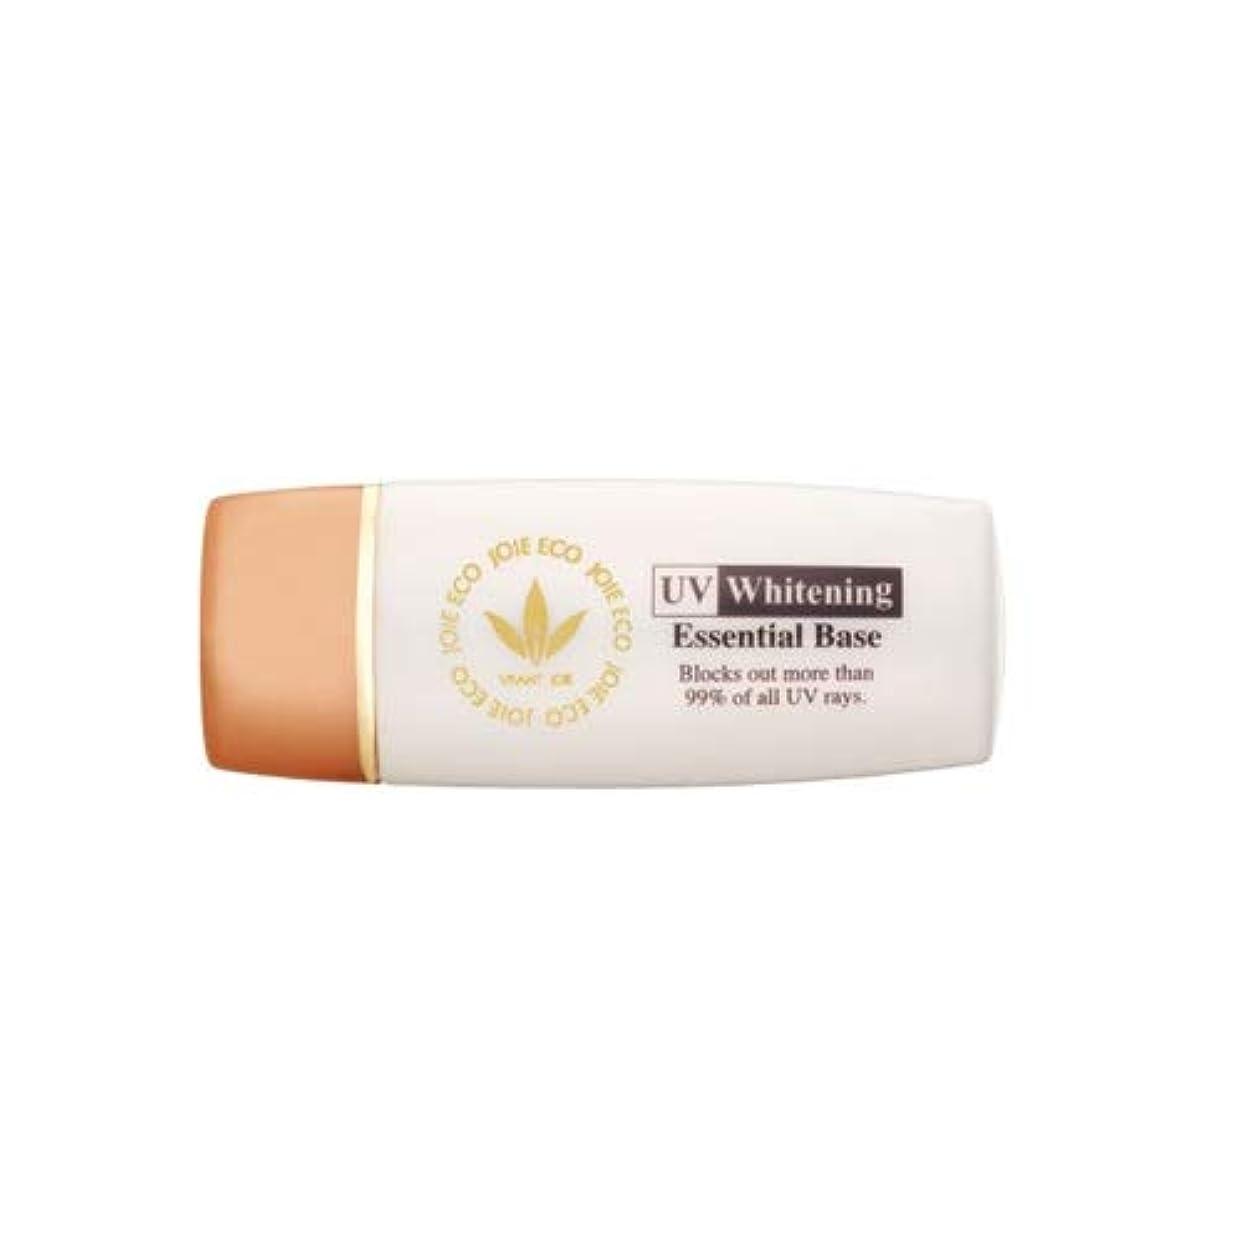 傷つきやすいせっかち体現するビーバンジョア VIVANTJOIE 「薬用UV美白エッセンシャルベース」 12ml 470AC